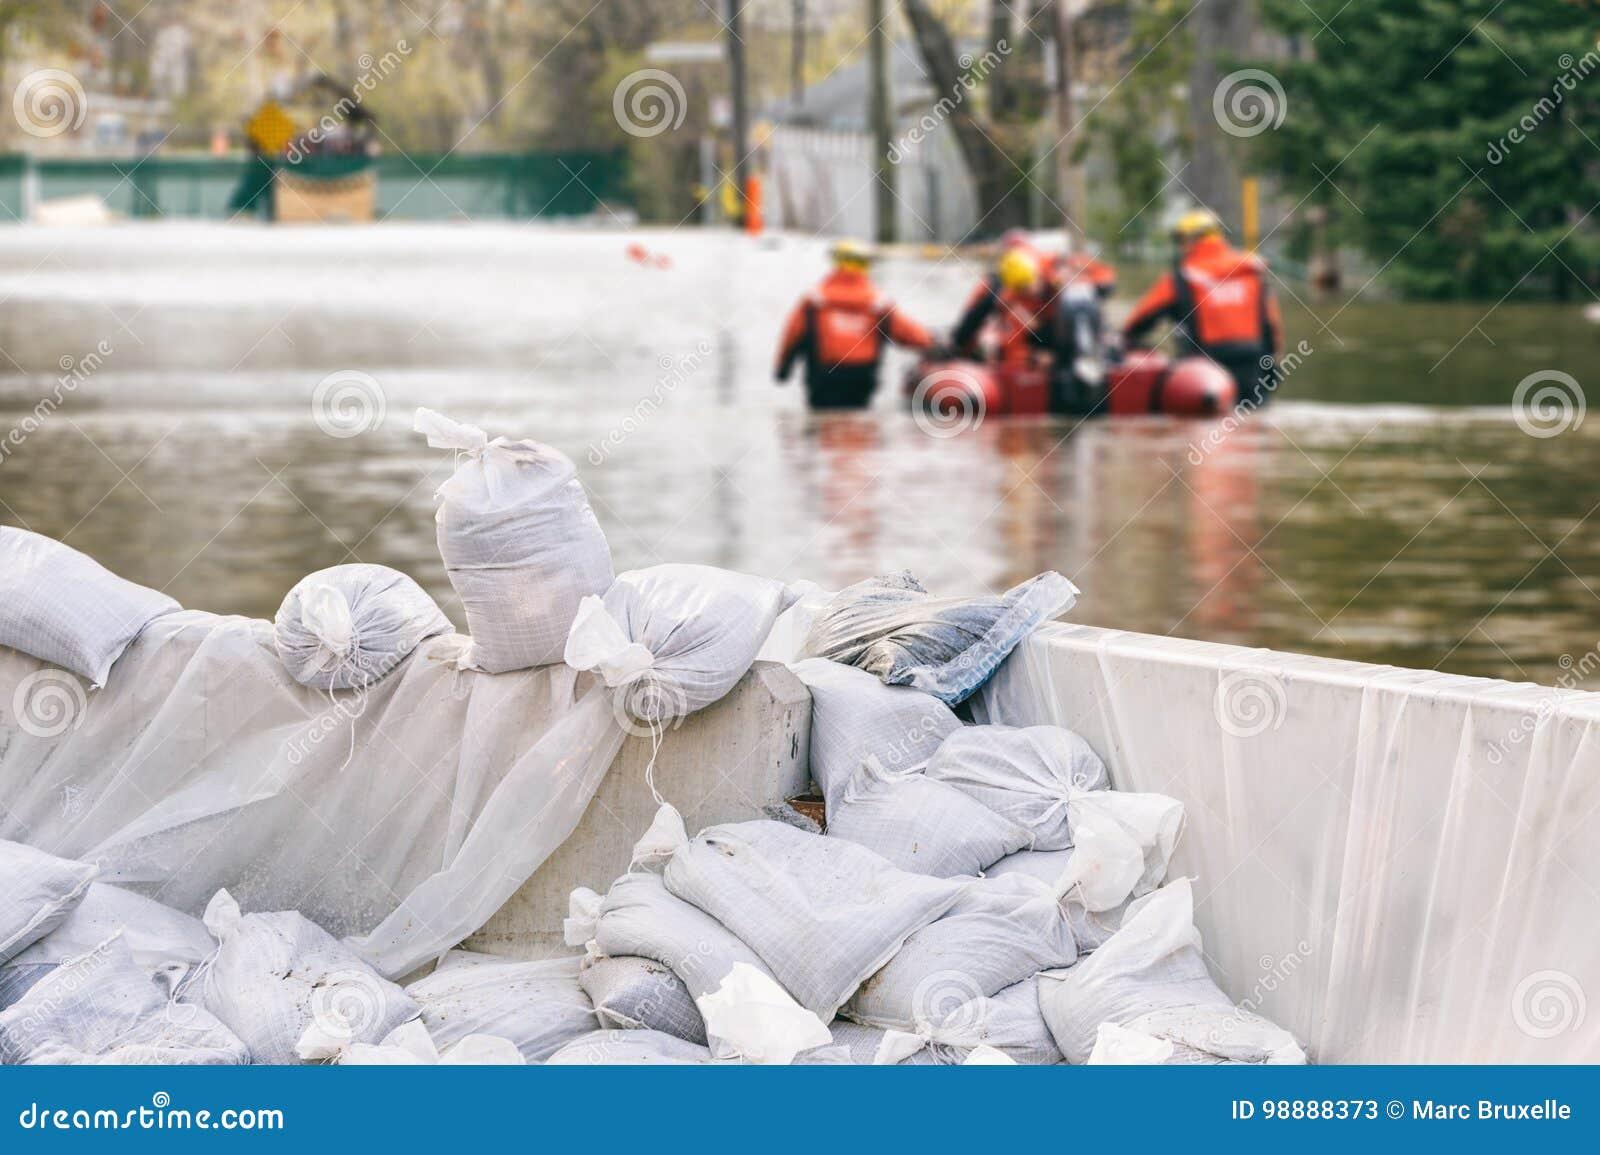 Flood Protection Sandbags